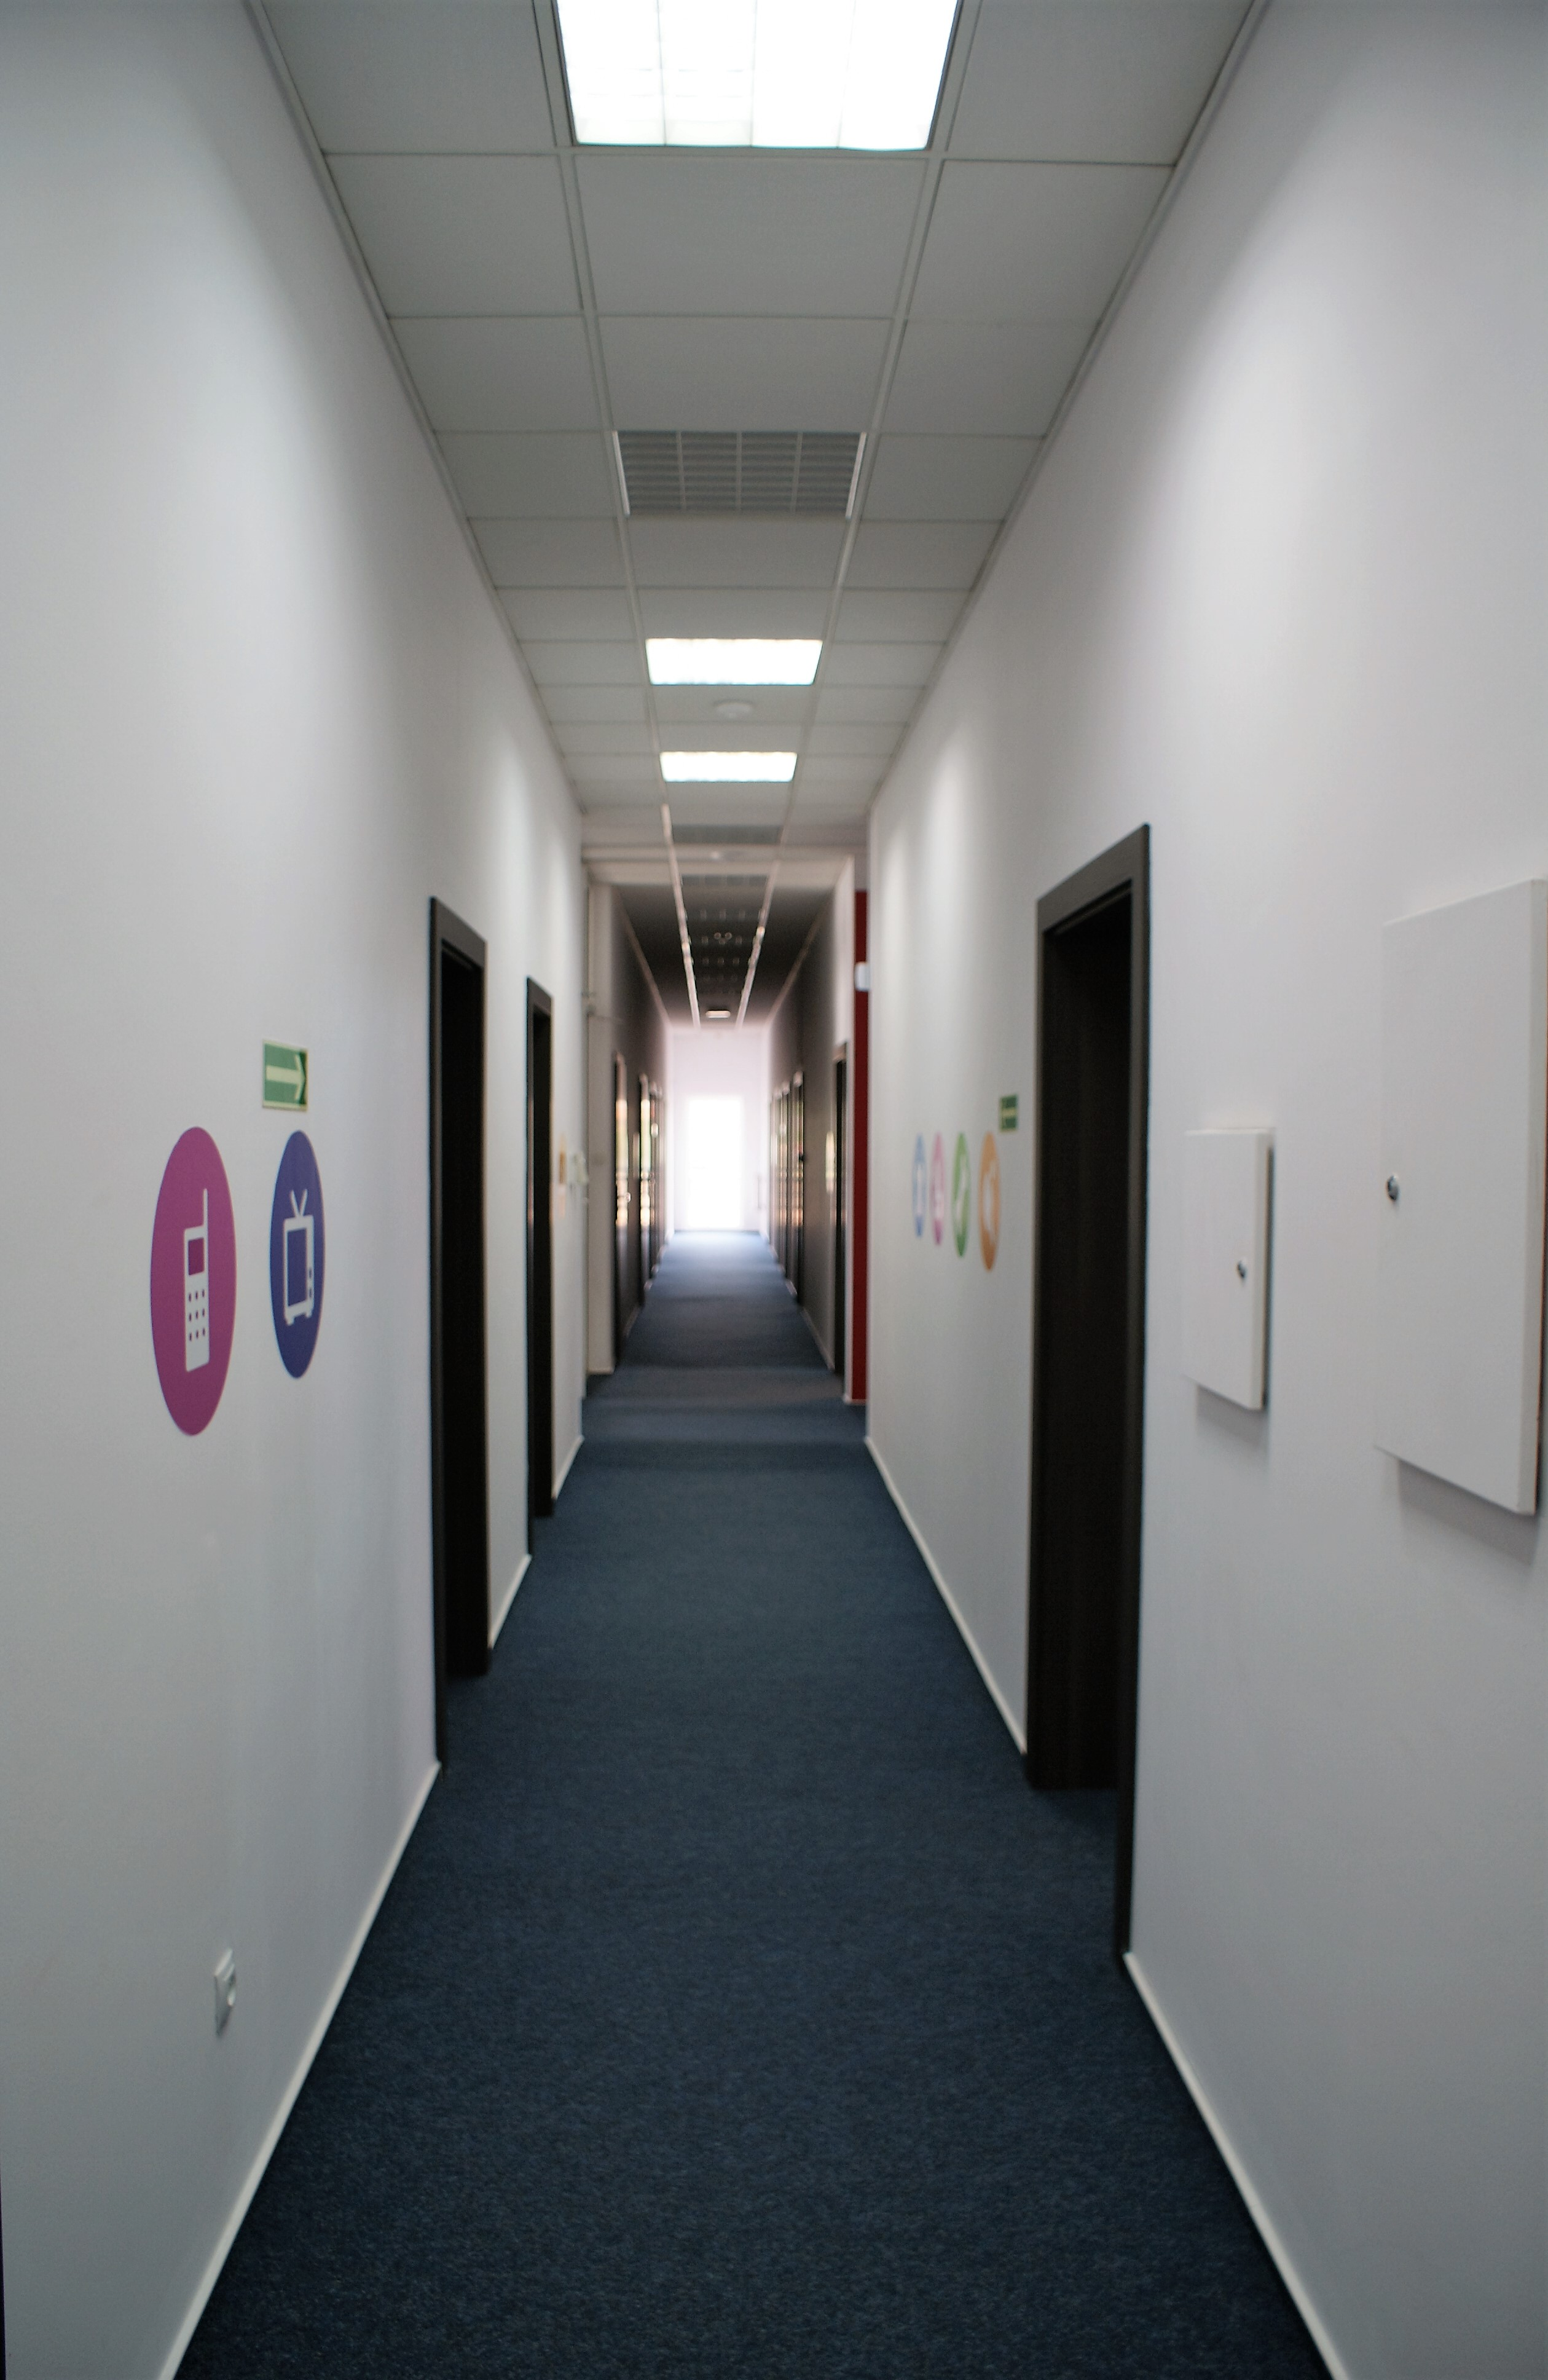 Aranżacja korytarzy w firmie